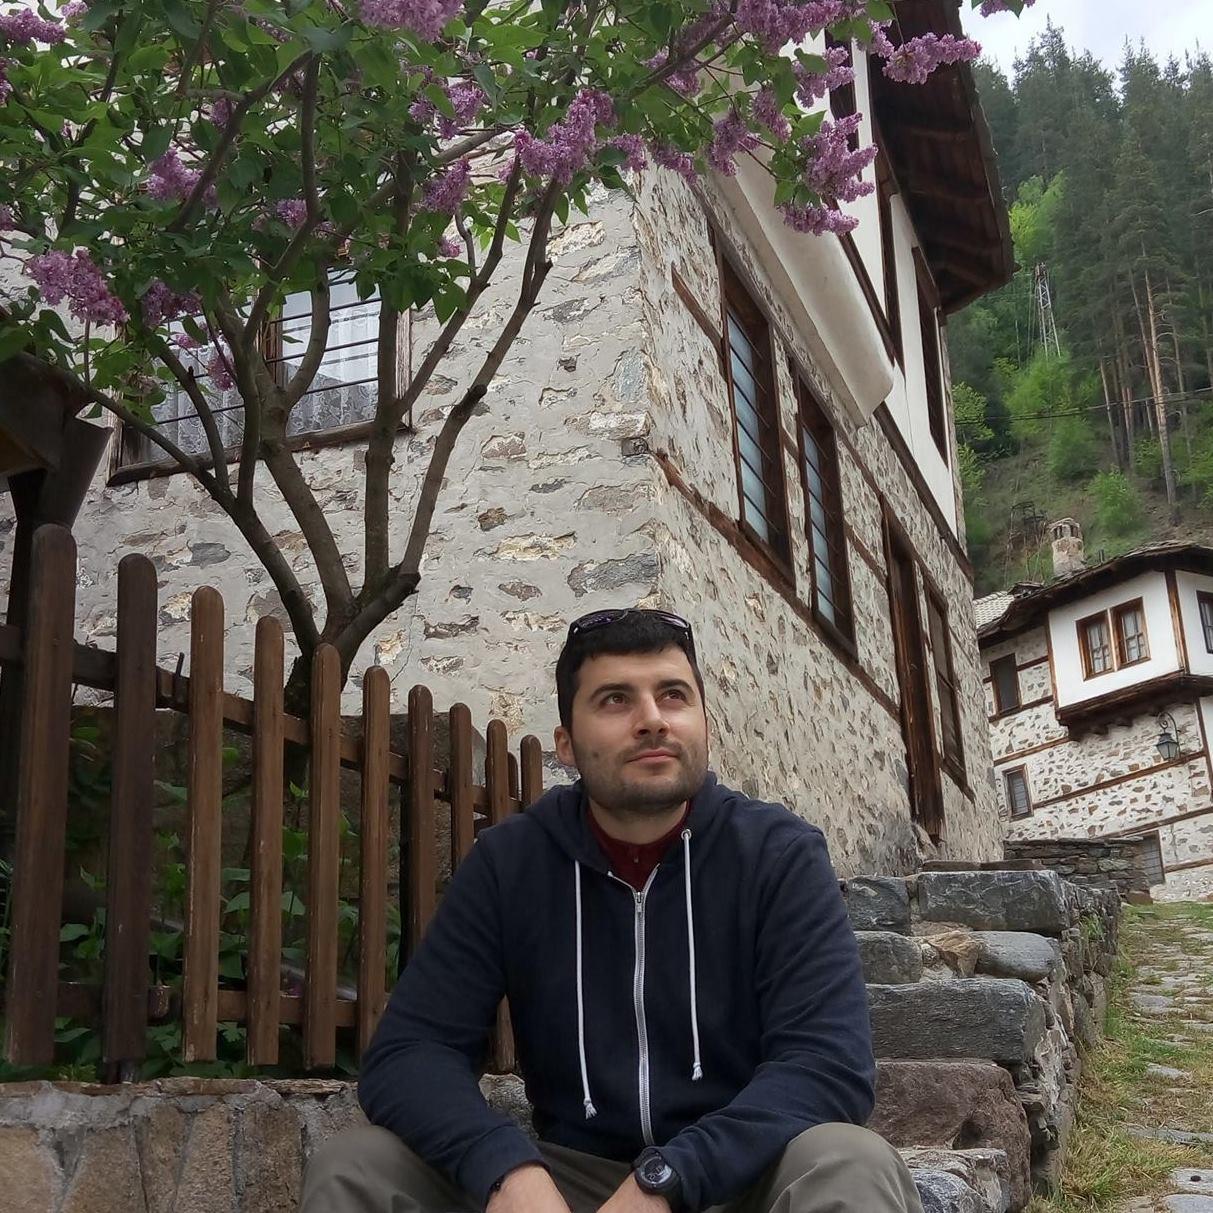 Българин е задържан в Добрич по искане на САЩ заради Сирия